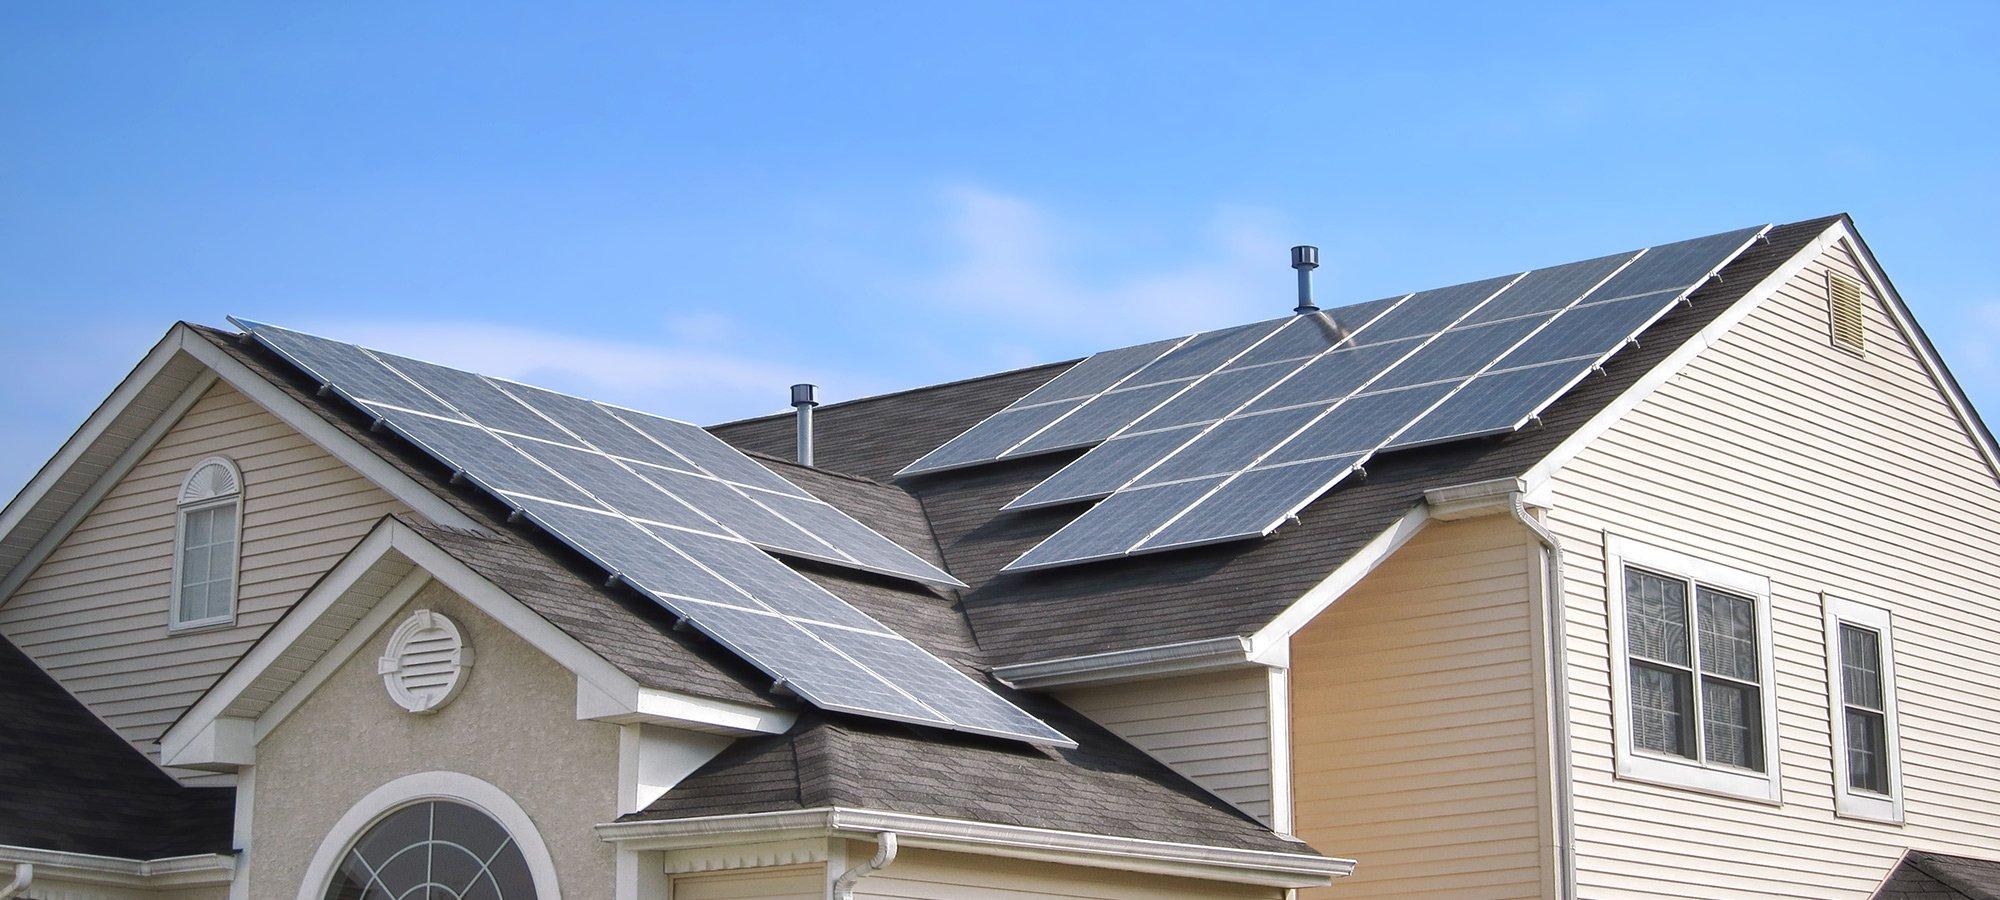 Pannelli solari sul tetto di una casa a Cesena